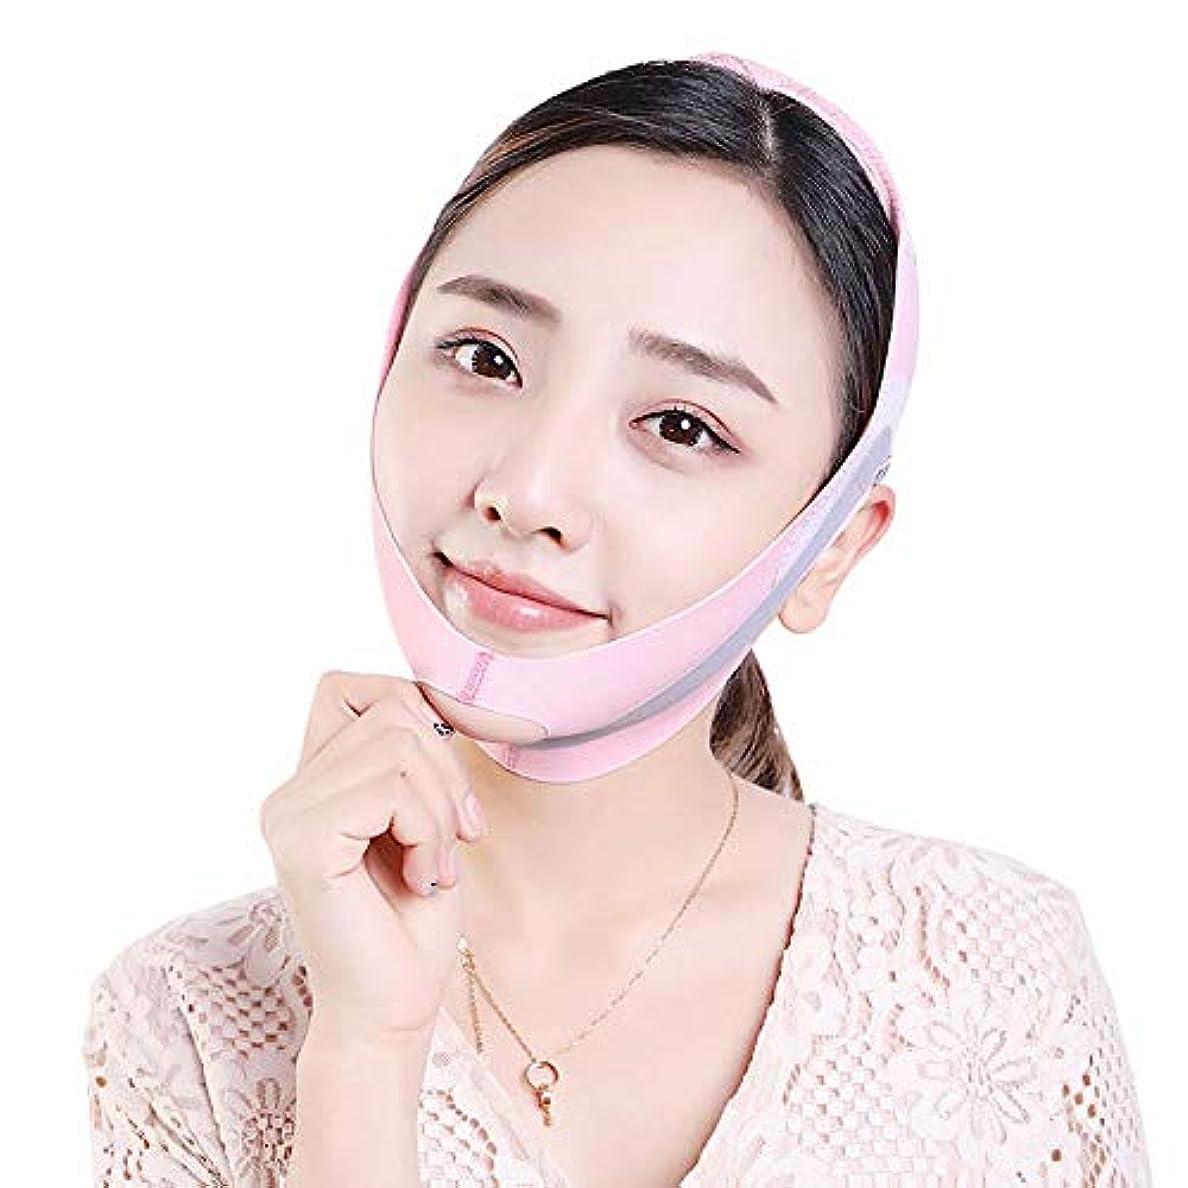 実施するサミュエルロッカーたるみを防ぐために顔を持ち上げるために筋肉を引き締めるために二重あごのステッカーとラインを削除するために、顔を持ち上げるアーティファクト包帯があります - ピンク